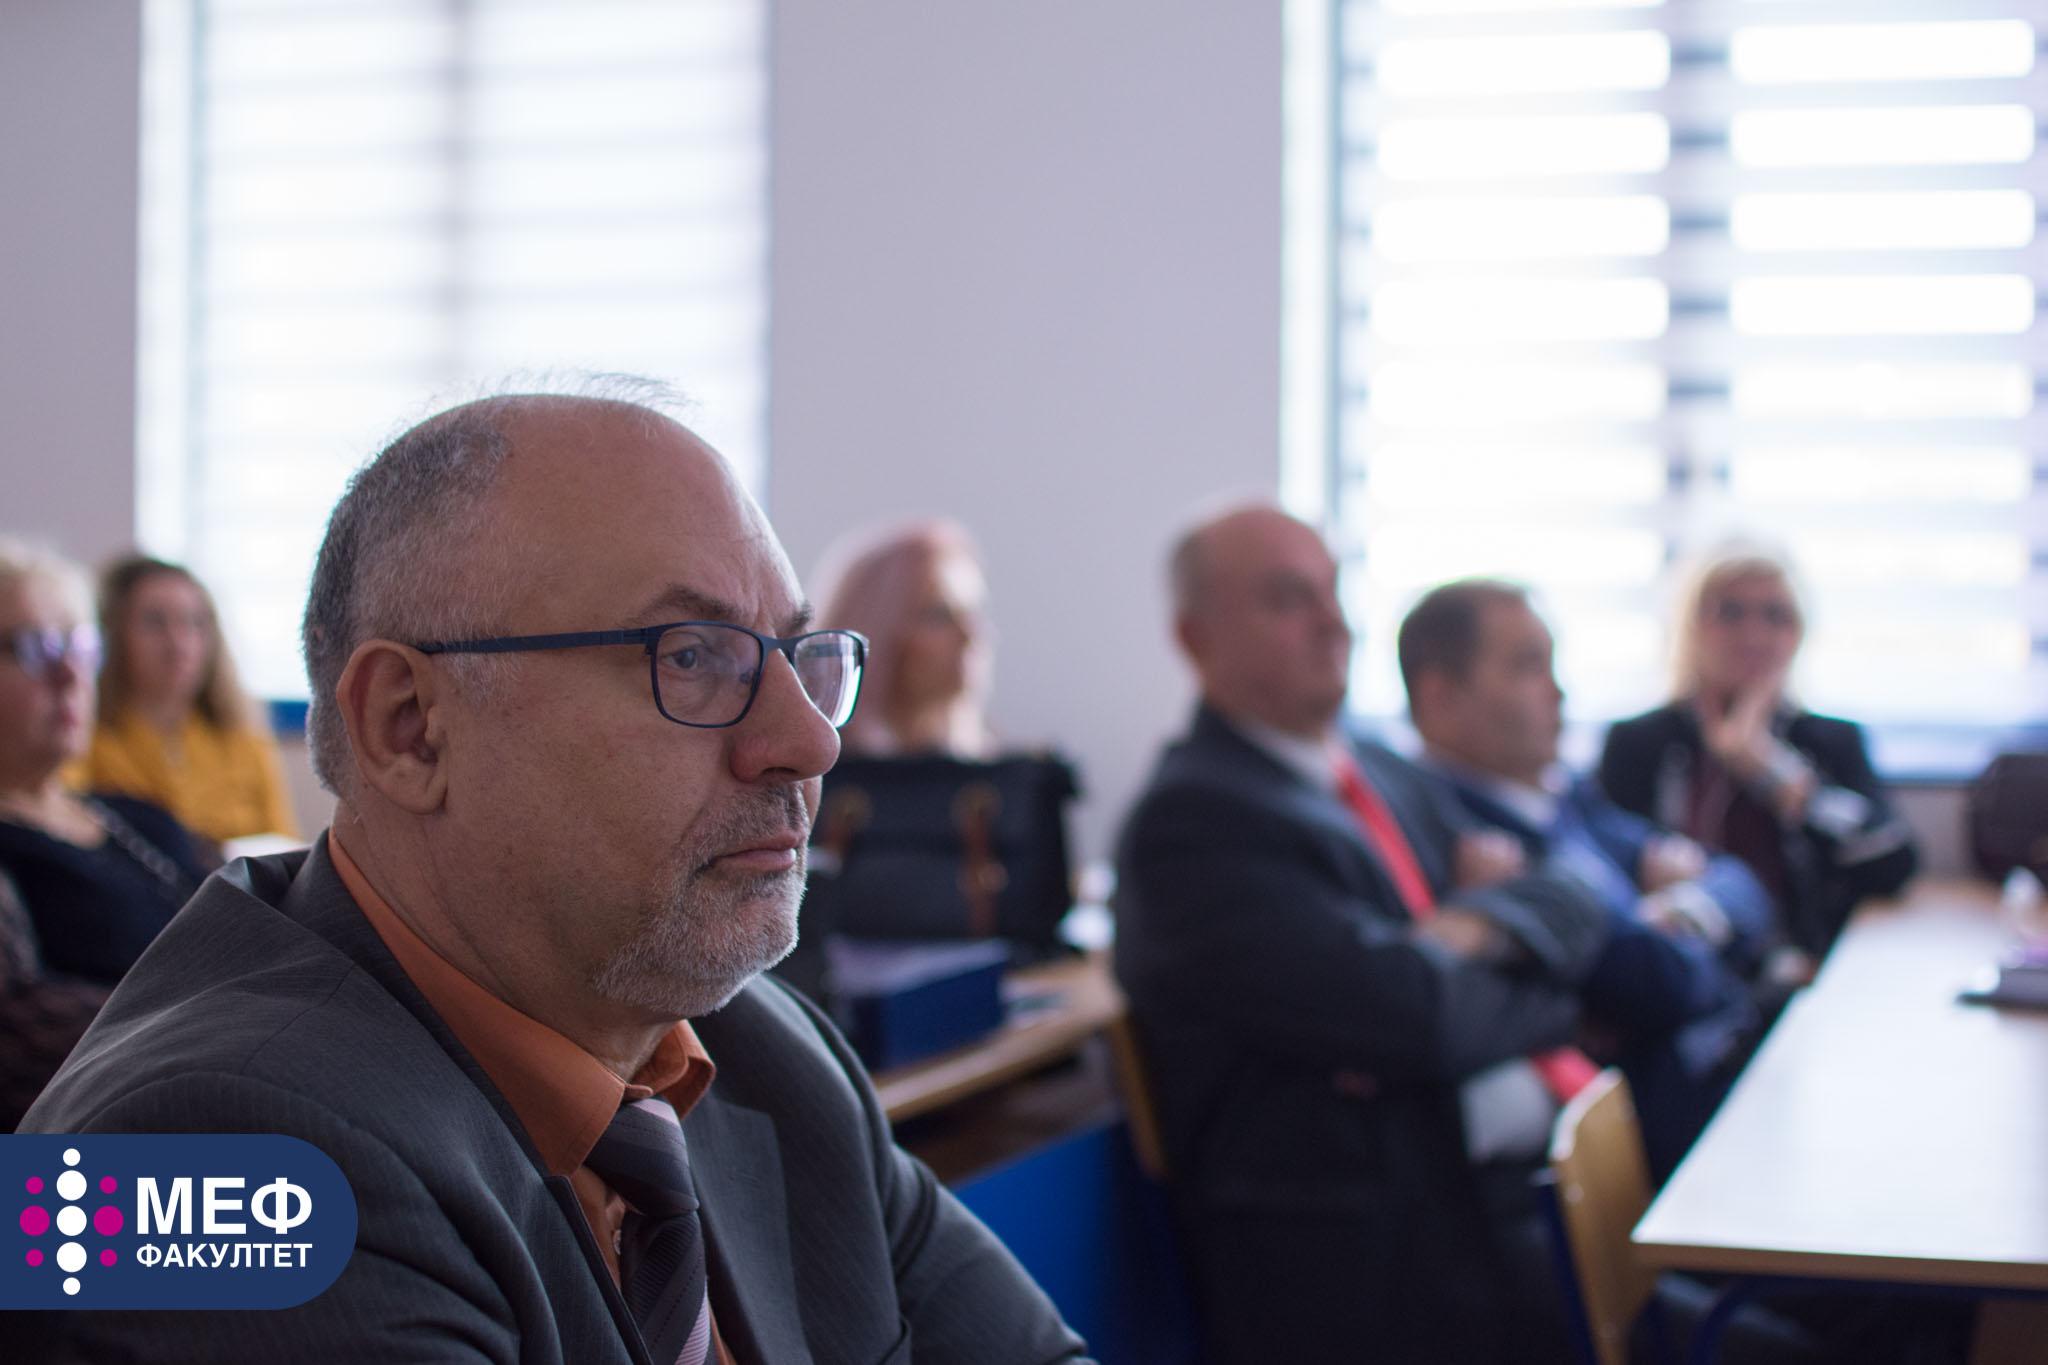 MEF Fakultet - izvestaj sa konferencije 17